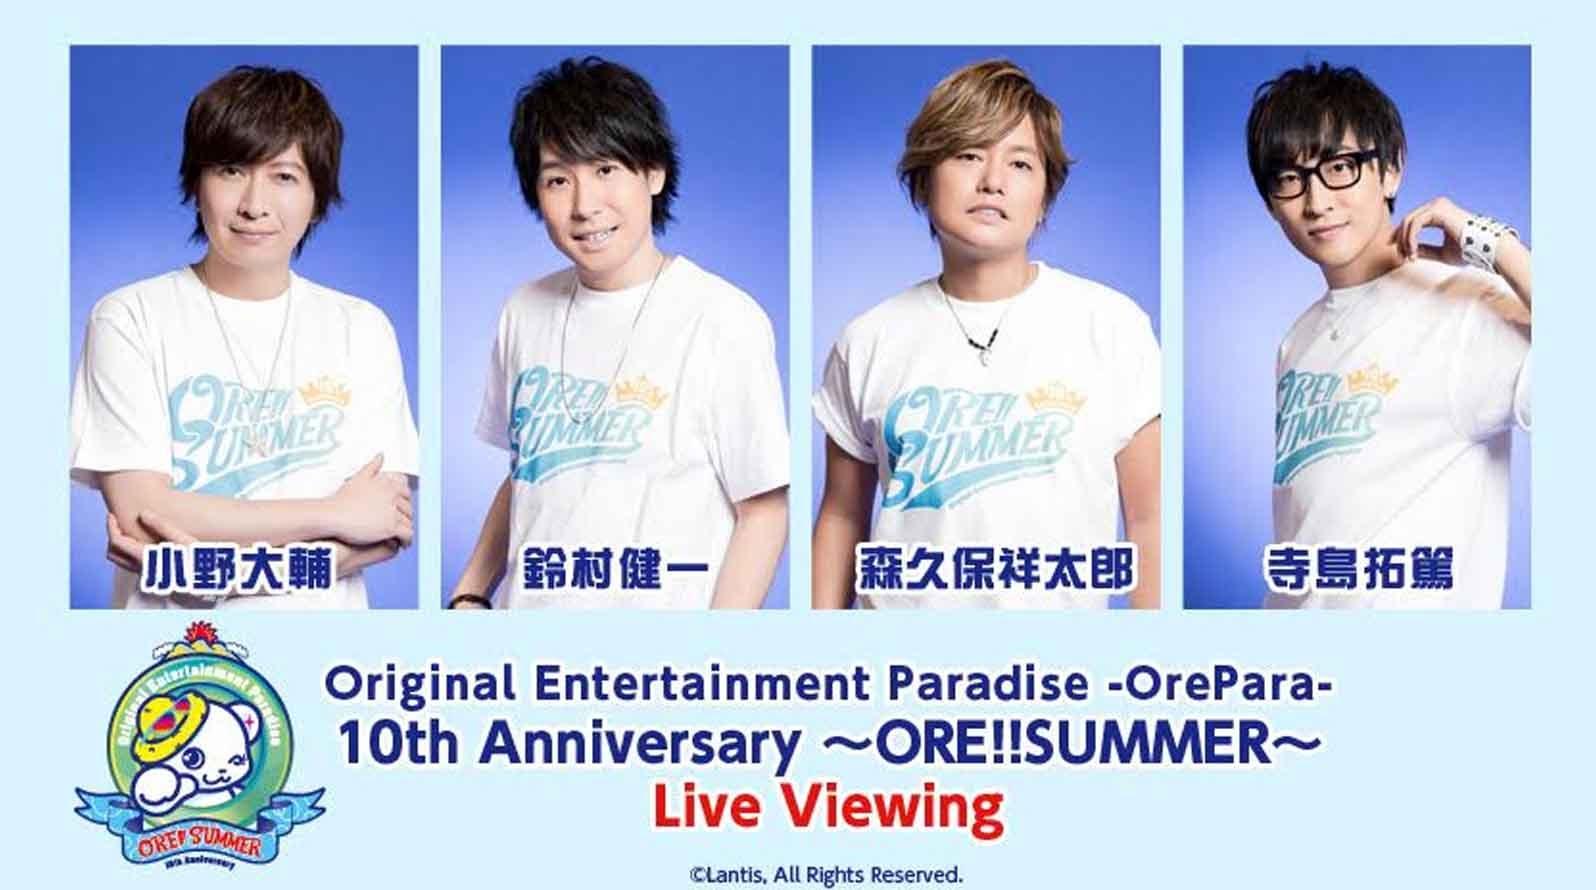 """""""OrePara"""" 10週年紀念首次舉辦野外FES  為期2天的祭典全程台灣香港電影院轉播"""